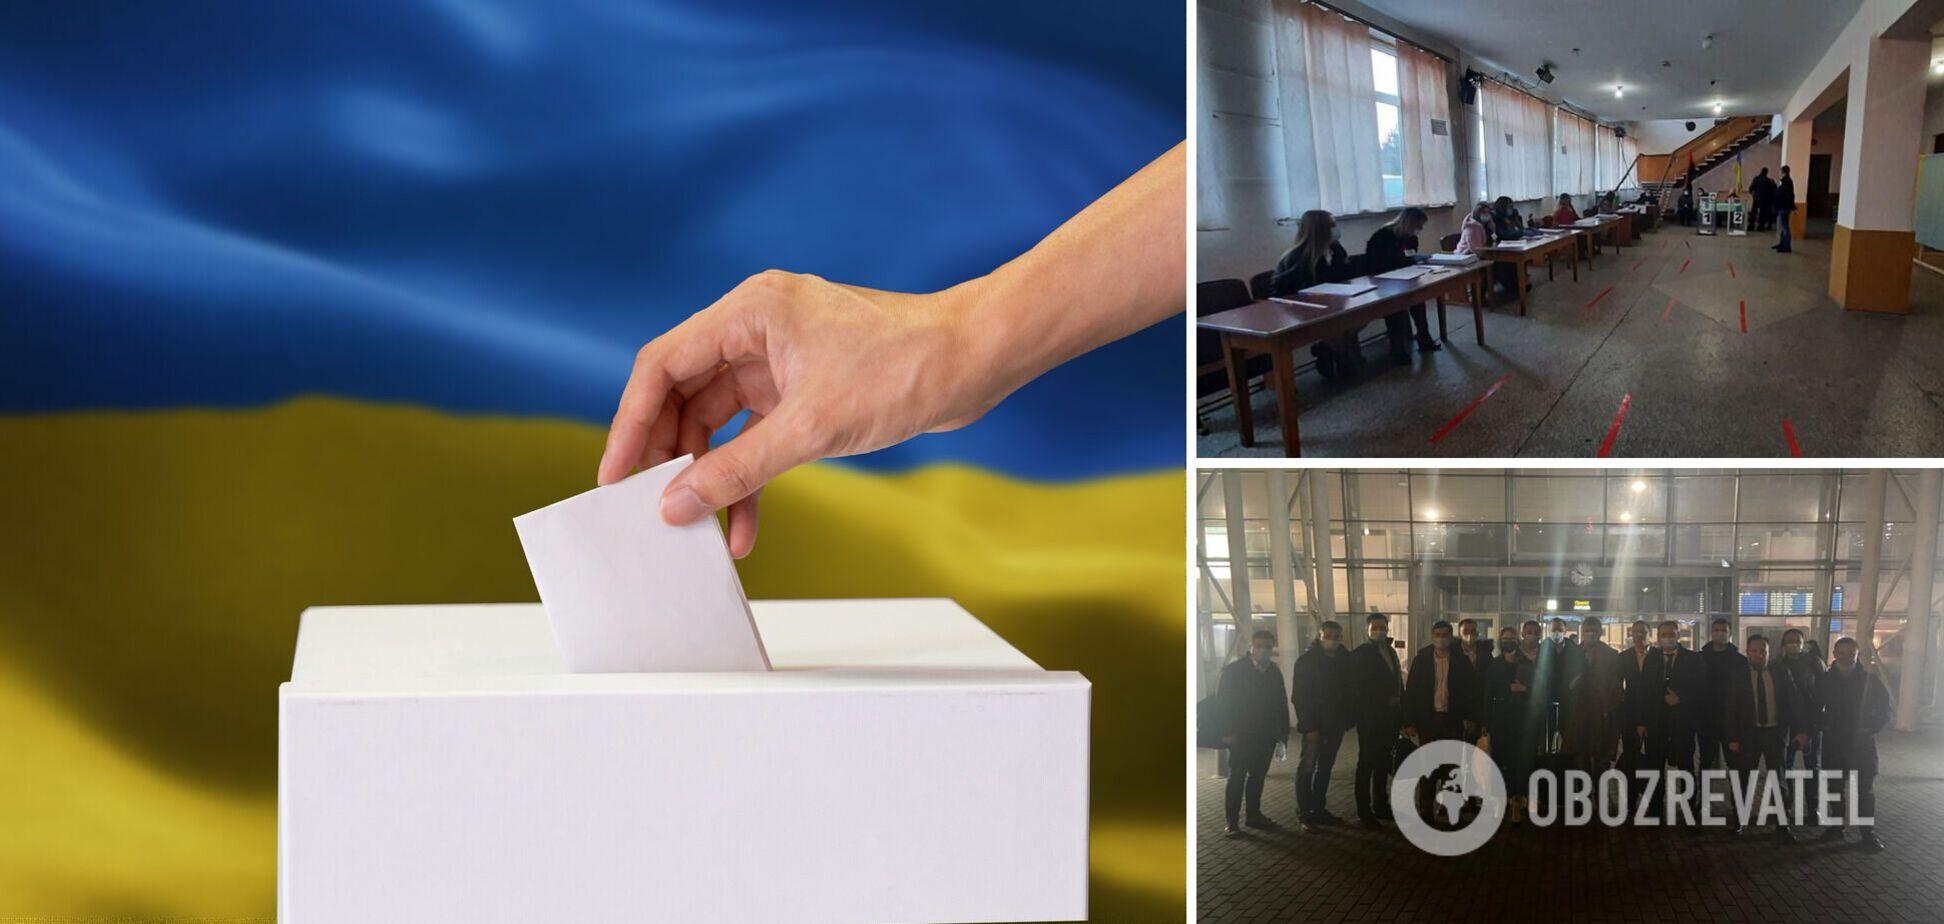 ЦИК притормозила подсчет голосов на довыборах в Раду: 'слуги' отправили депутатский десант на Прикарпатье